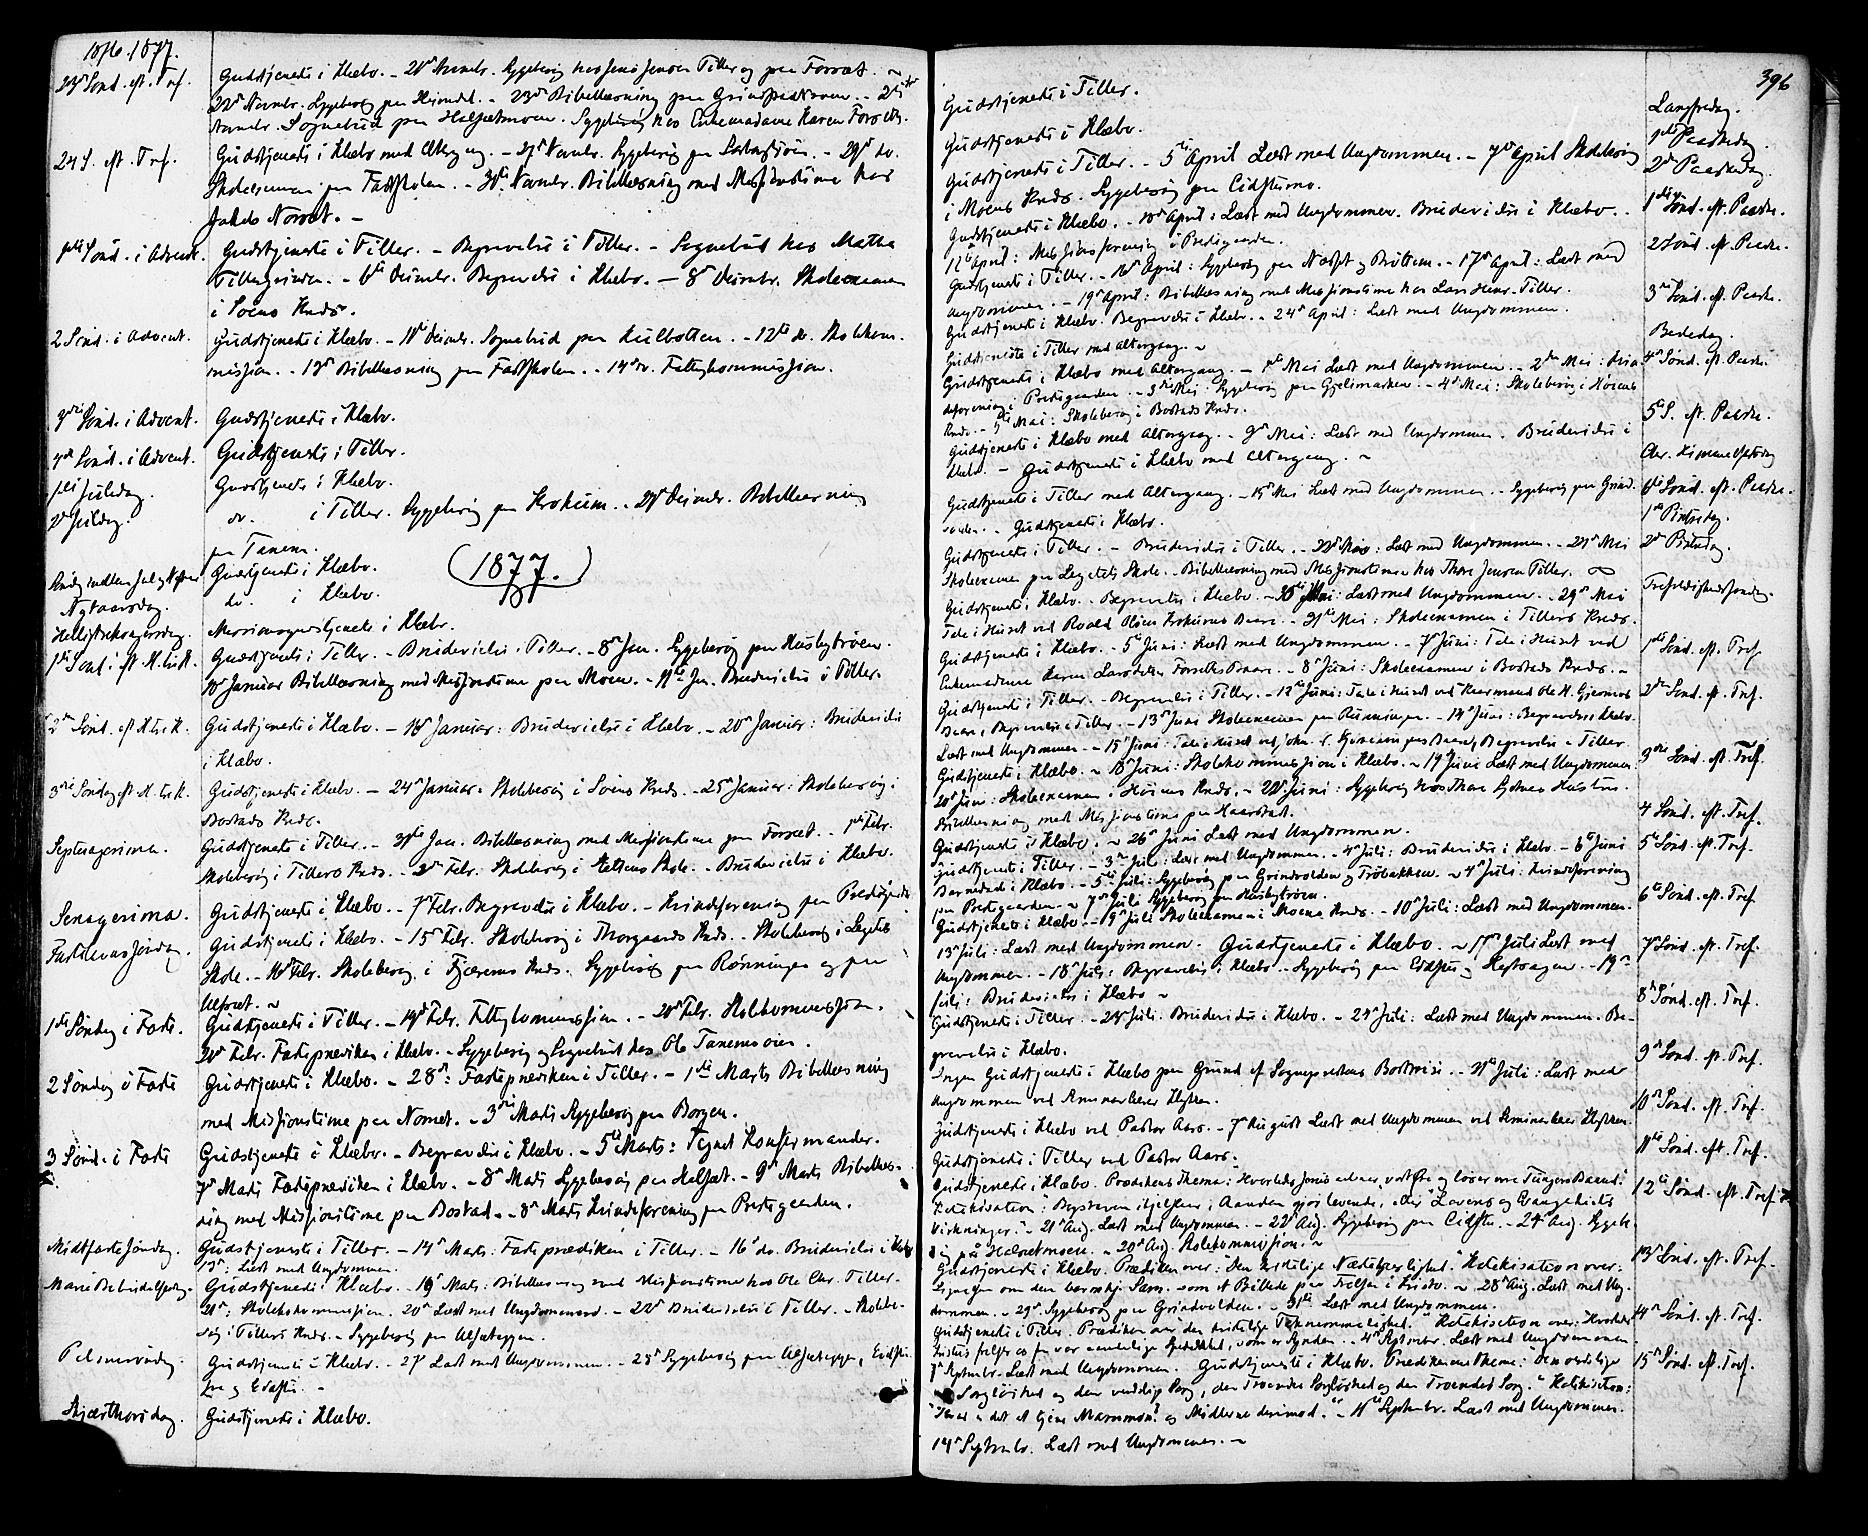 SAT, Ministerialprotokoller, klokkerbøker og fødselsregistre - Sør-Trøndelag, 618/L0442: Ministerialbok nr. 618A06 /1, 1863-1879, s. 396